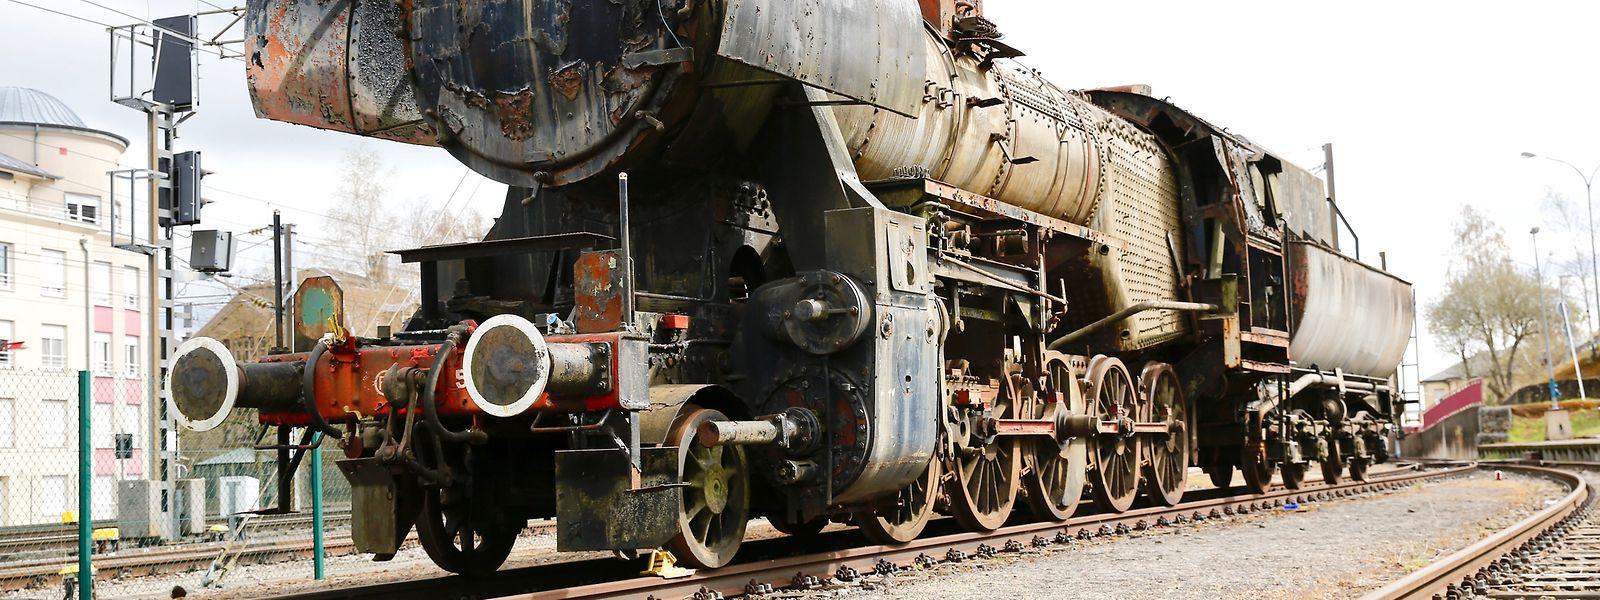 Seit Kurzem steht diese Lok im Petinger Bahnhof auf den Train-1900-Gleisen und wartet auf ihren Abtransport.